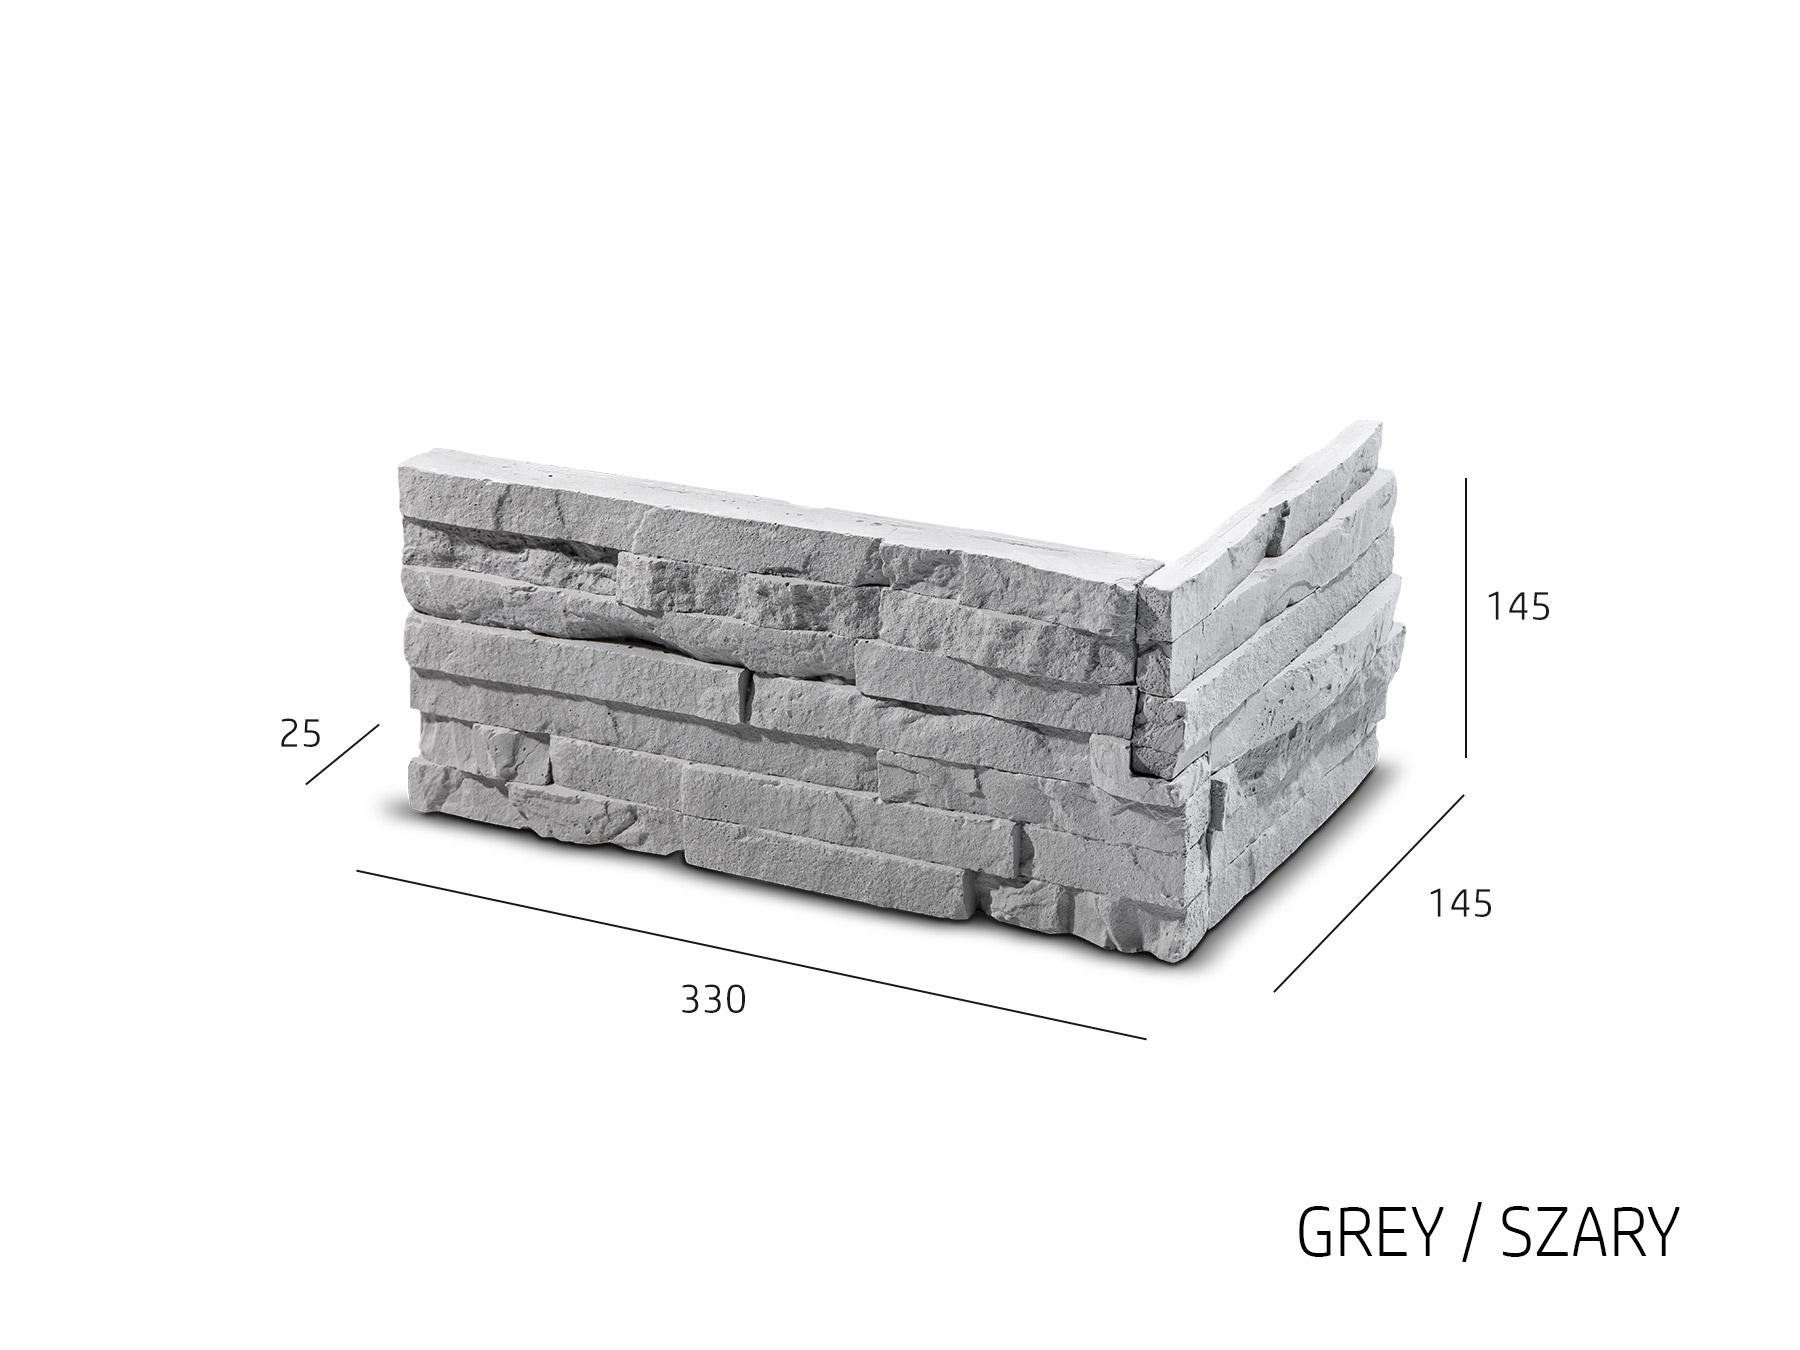 ROH Obkladový kámen TEPIC šedá 330x145x145x25 mm Sádra balení 0,87bm